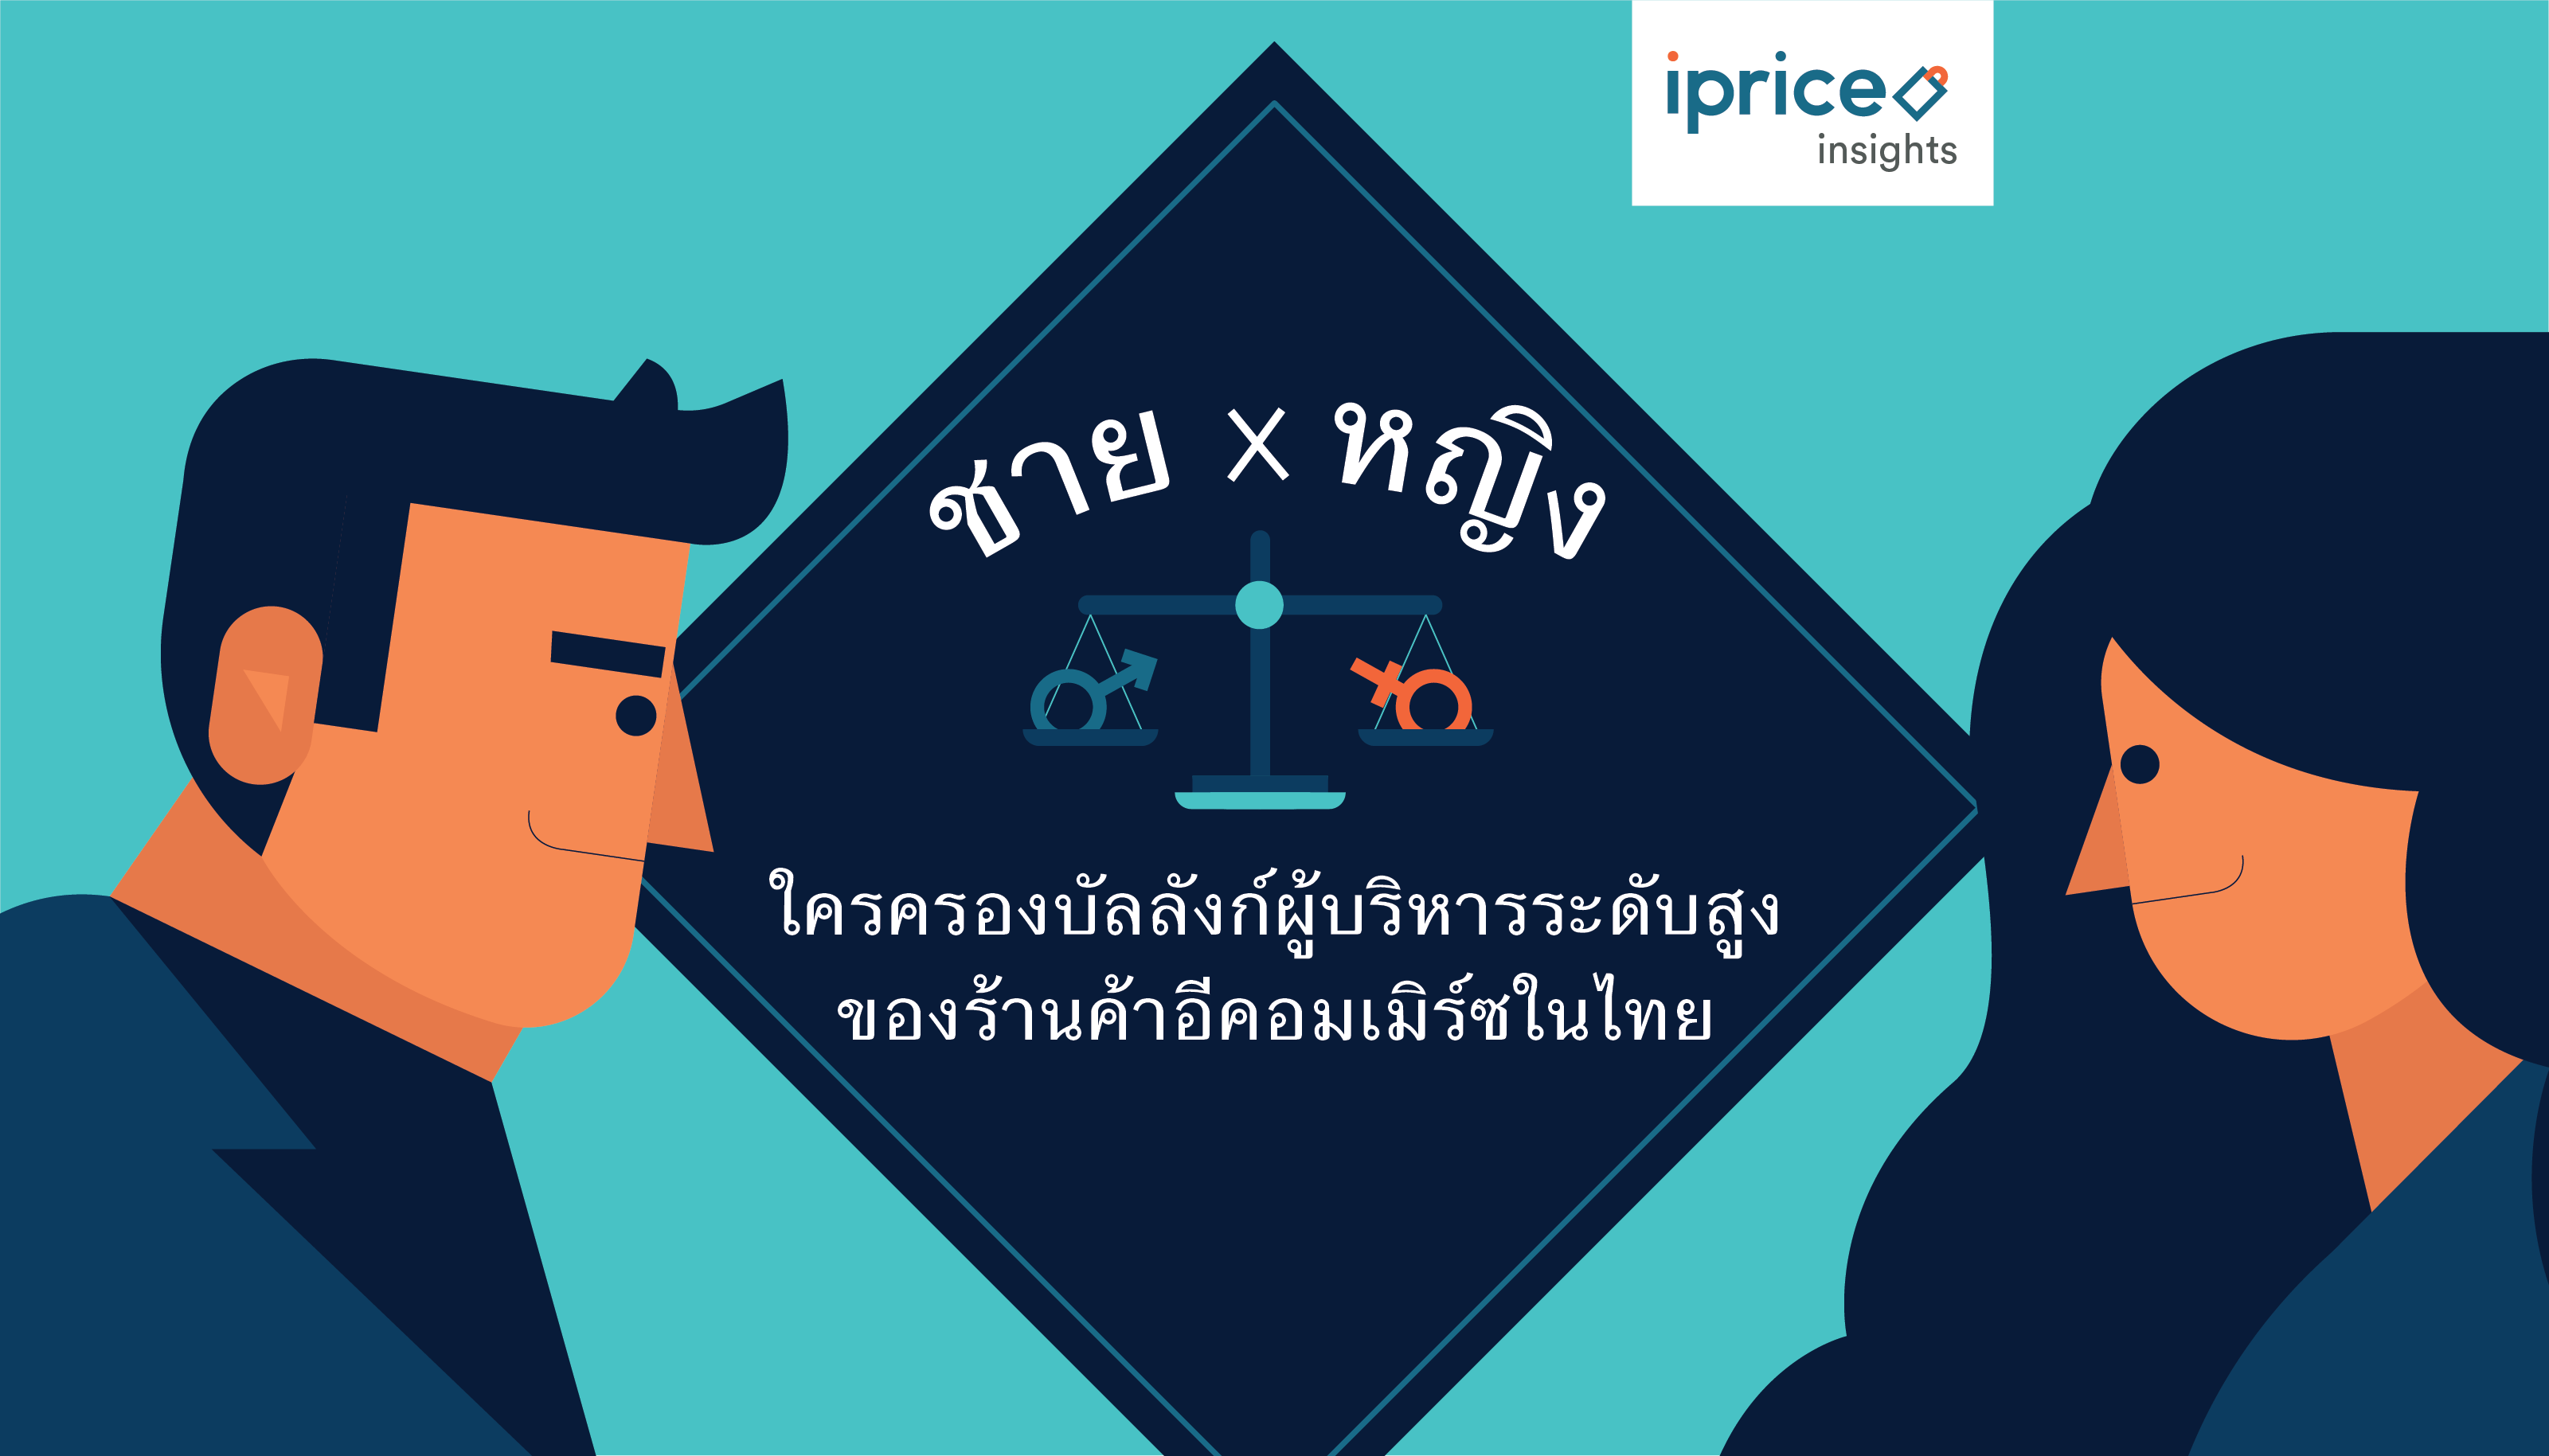 ชาย VS หญิง ใครกันแน่ที่ครองบัลลังก์ผู้บริหารระดับสูงในไทย? 2 -